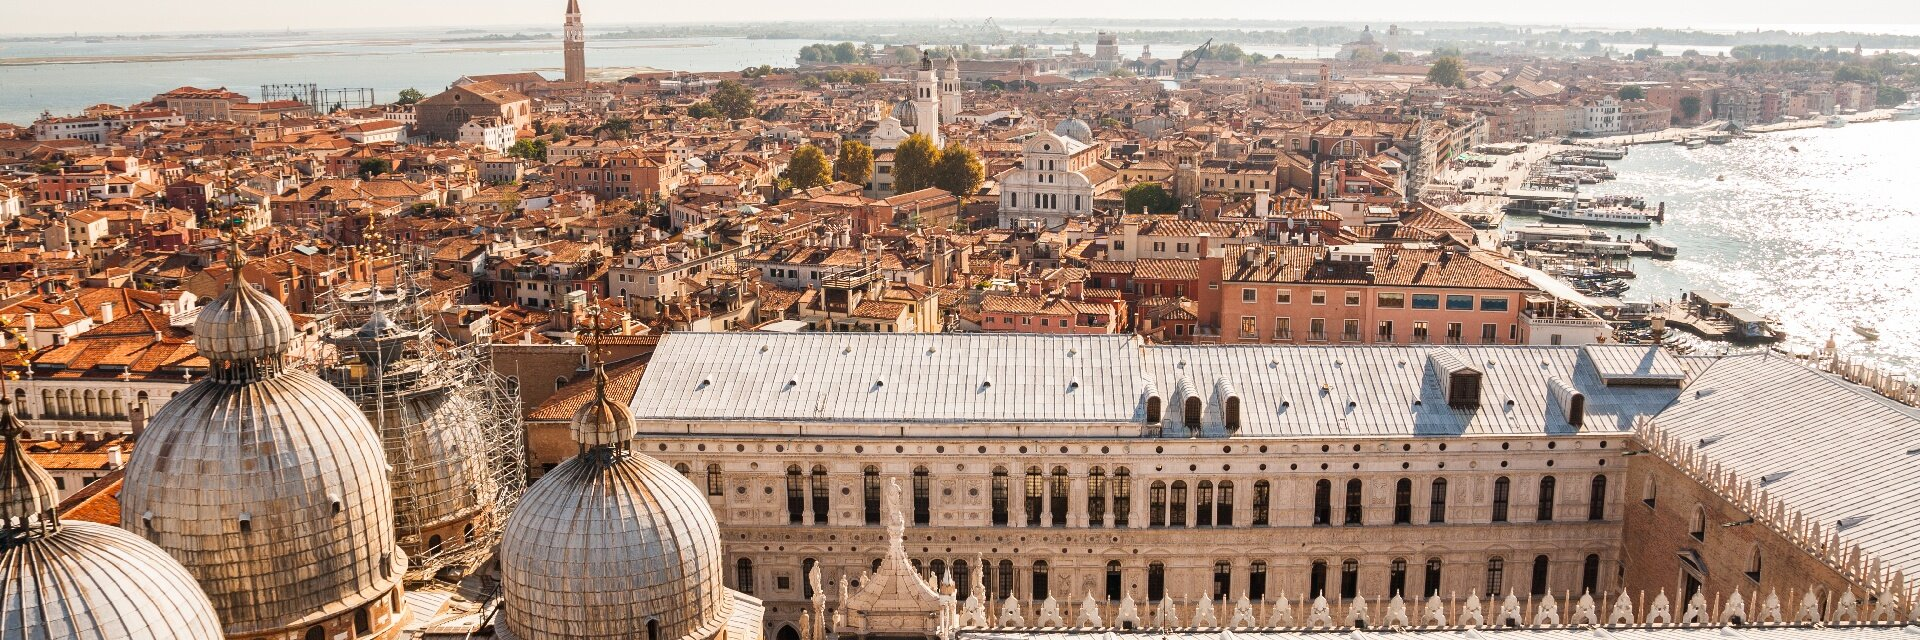 Поиск отелей в Венеции